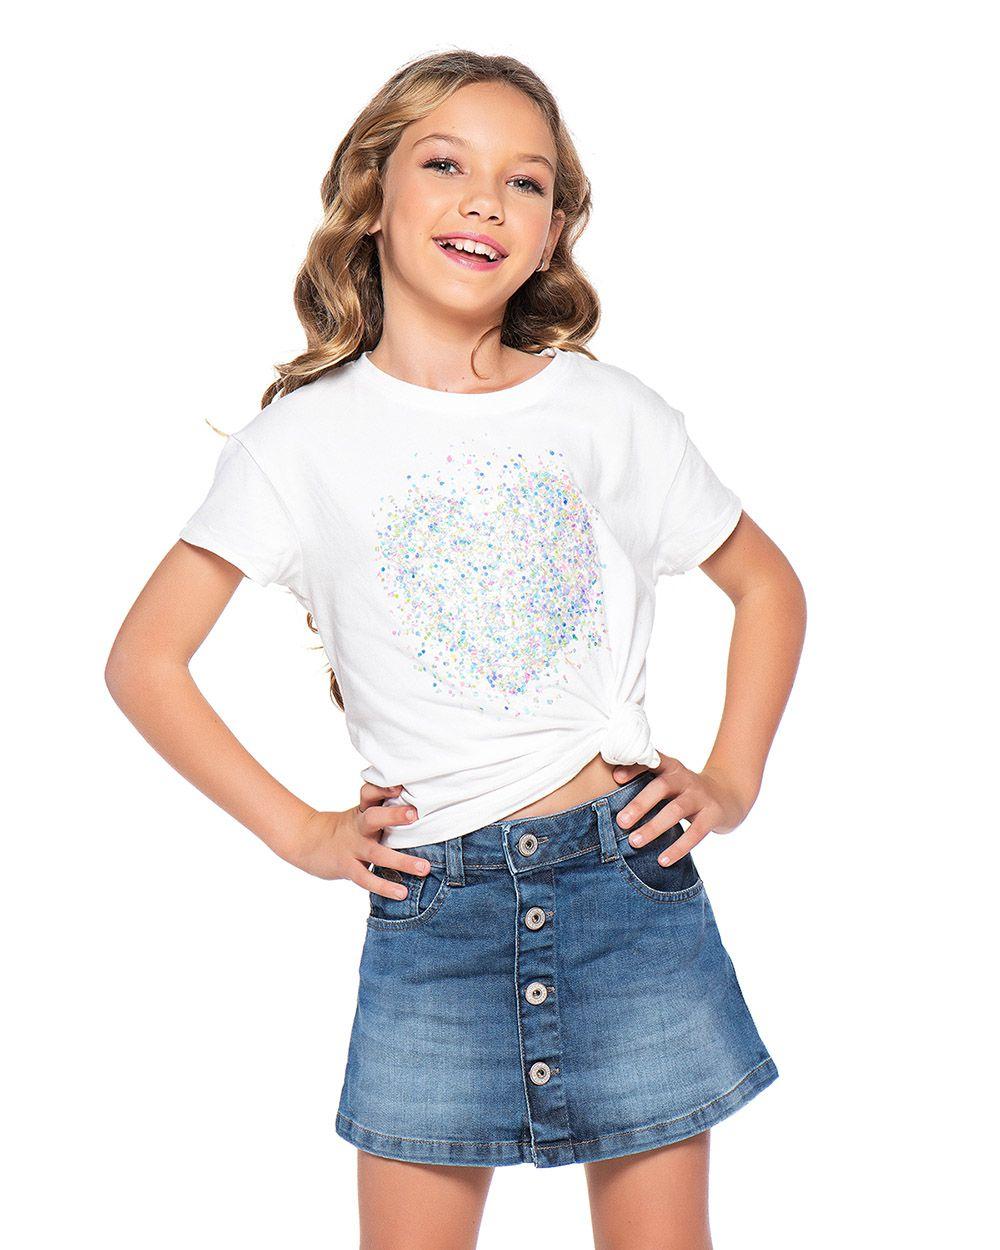 Saia Menina Mania Kids Jeans com Botão 60846